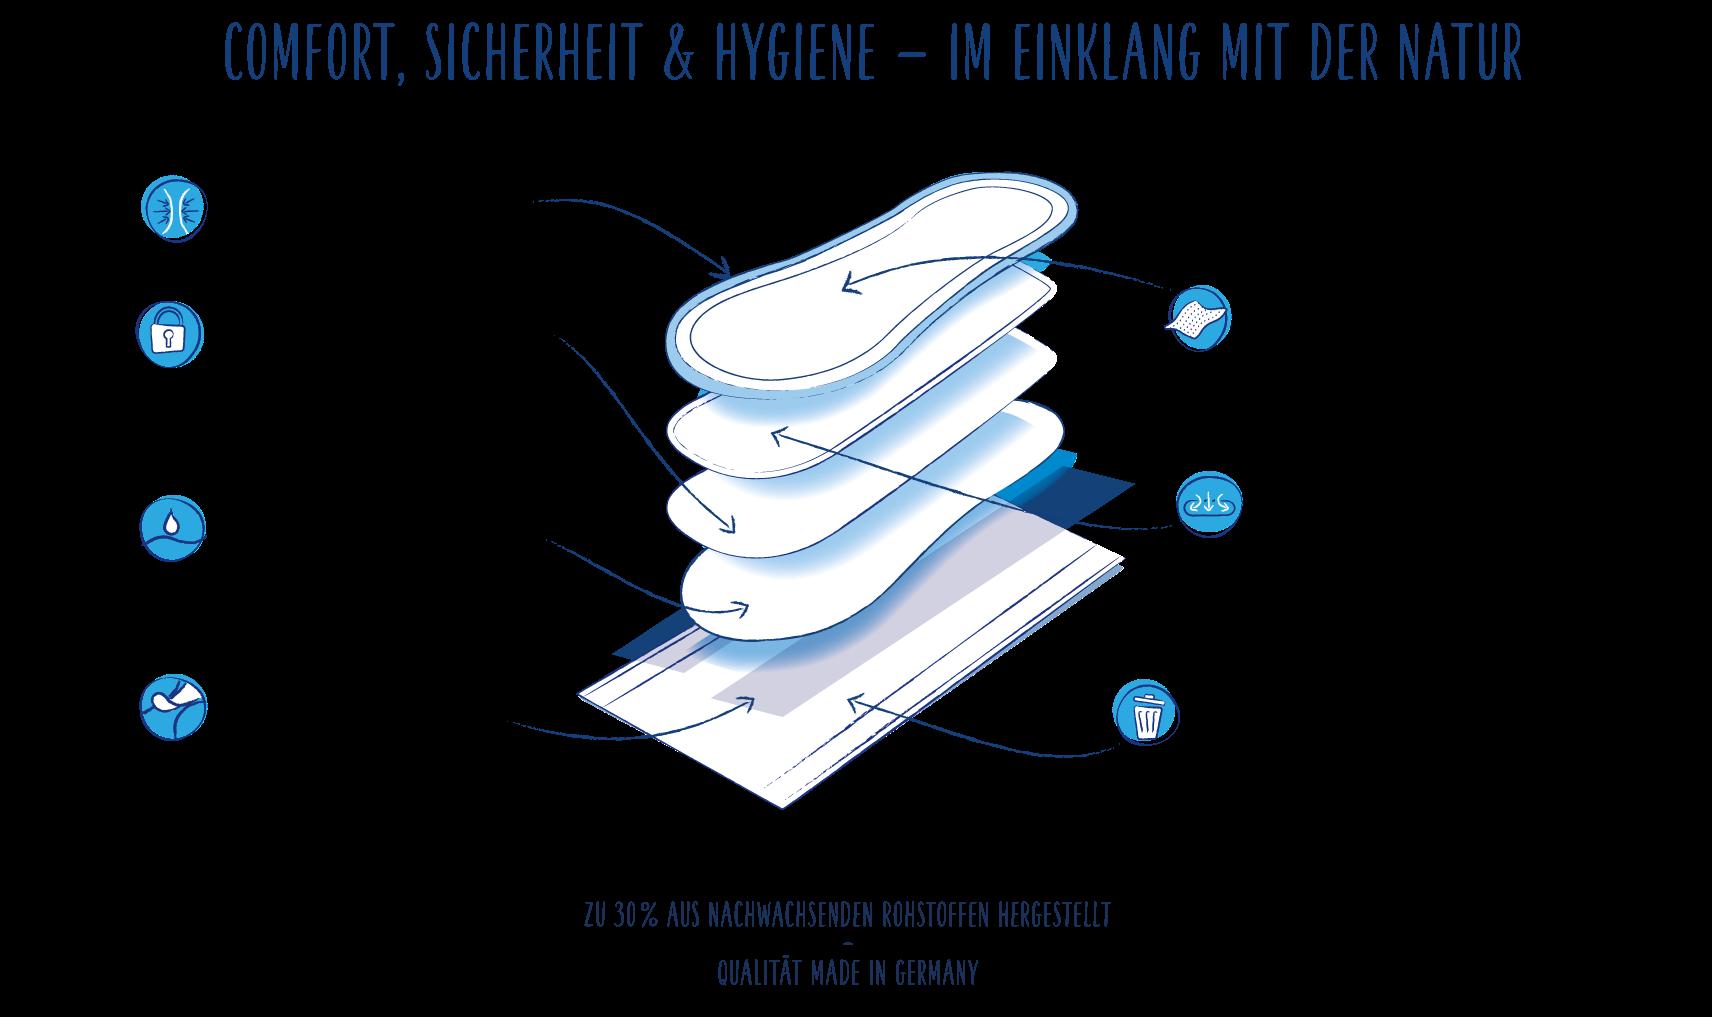 NEU_Ultra-Binden-normal_woraus besteht eine Binde genau_cosmea.de